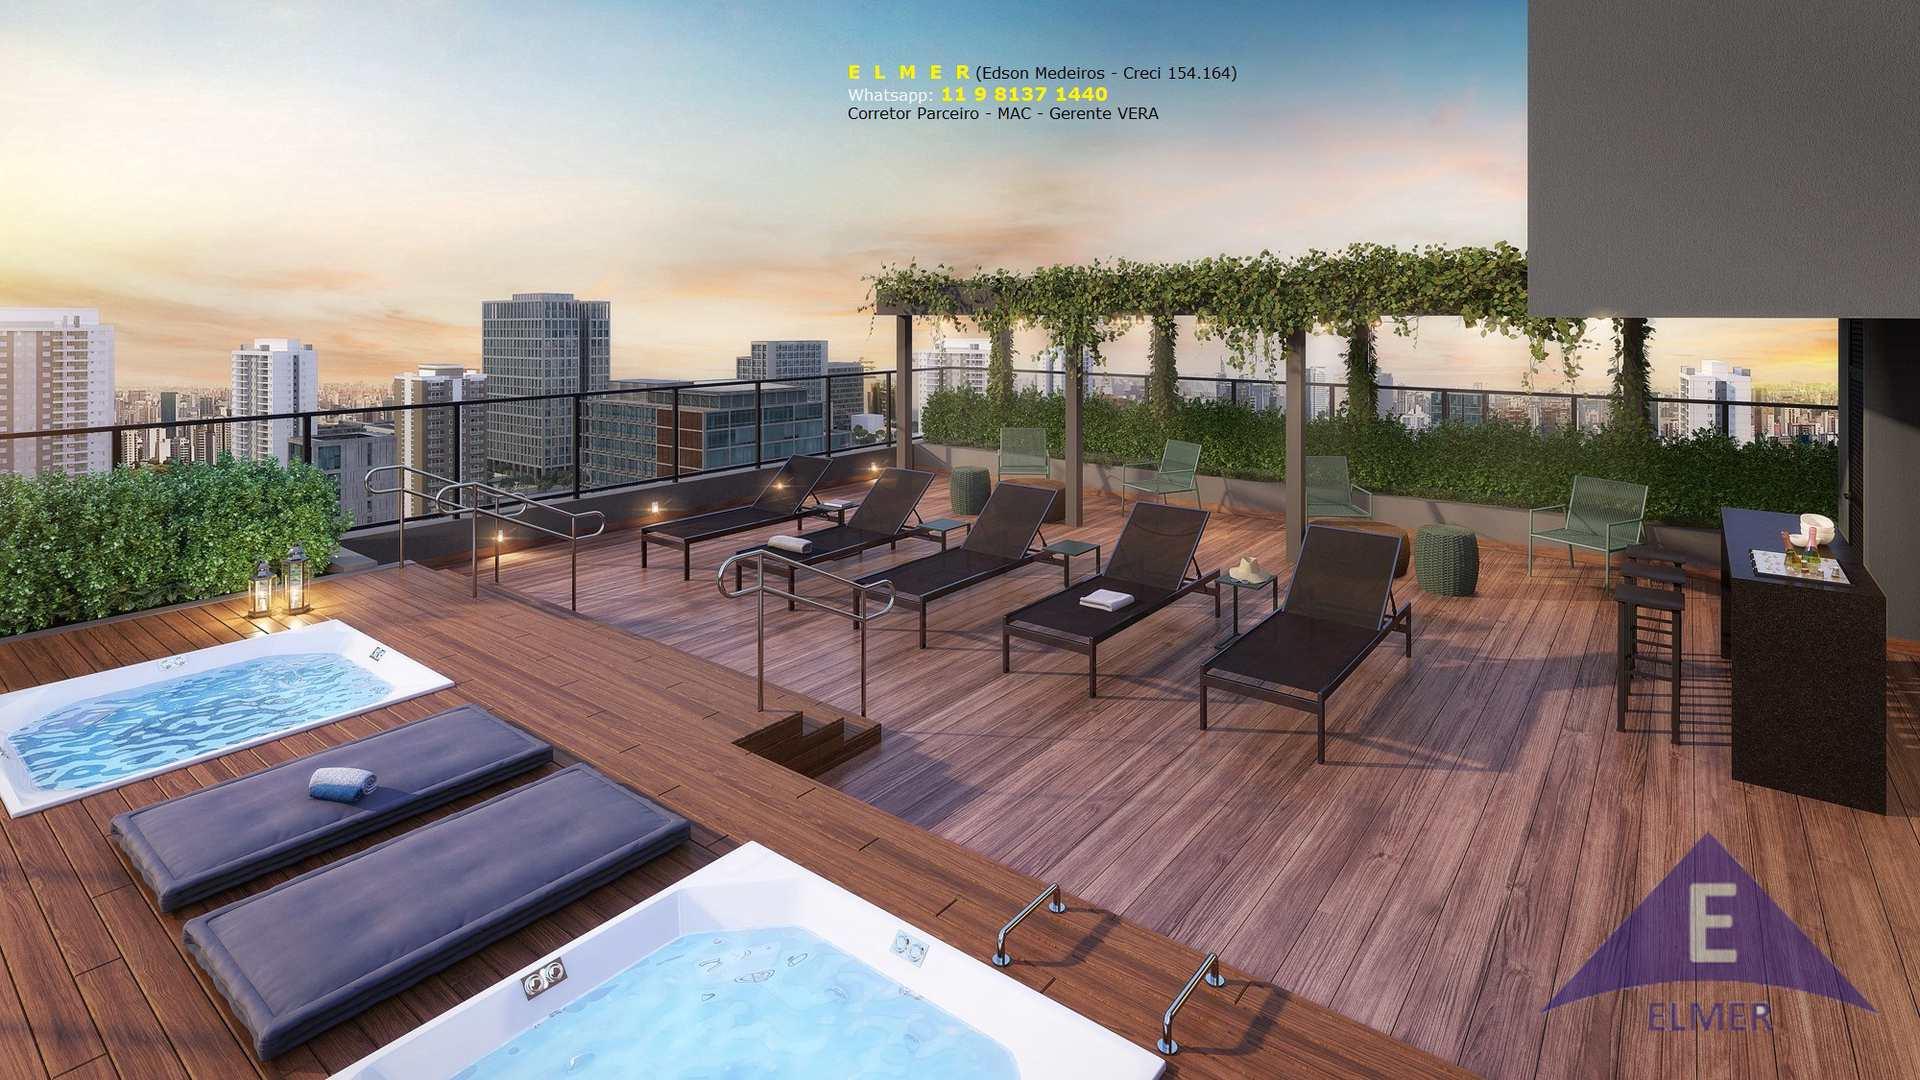 Lounge Rooftop - IS CONSOLAÇÃO - ELMER